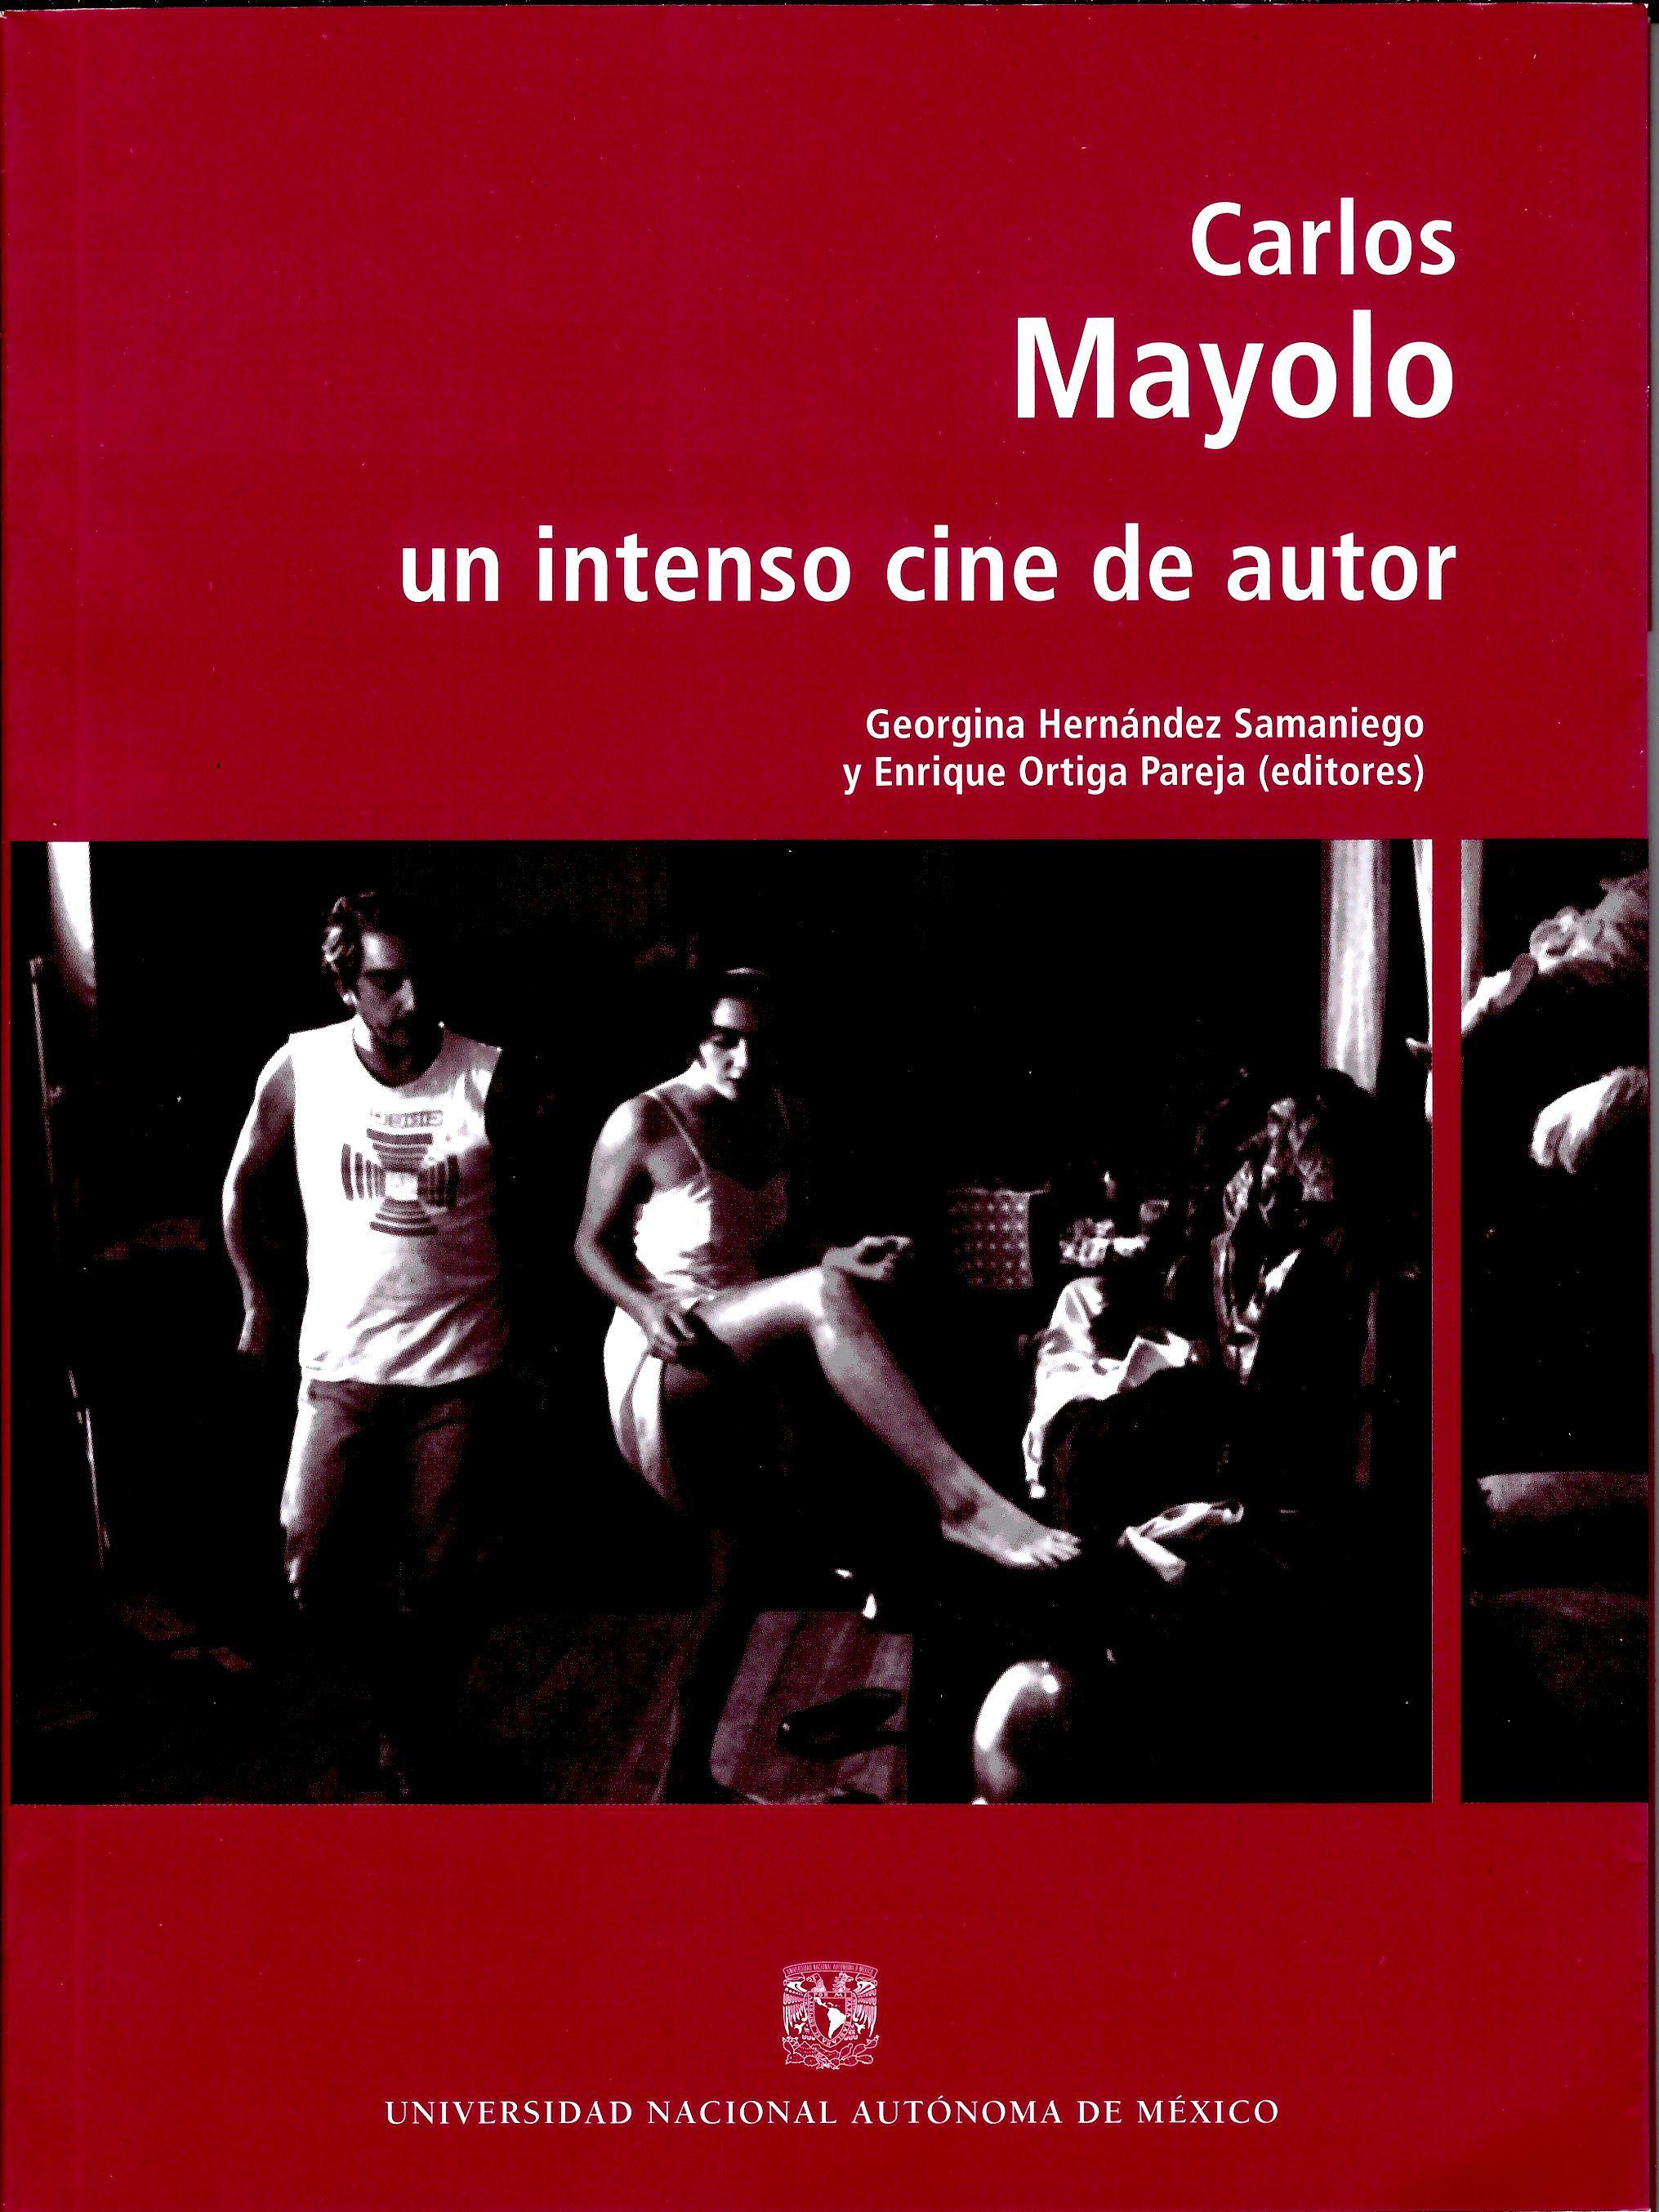 Carlos Mayolo: un intenso cine de autor